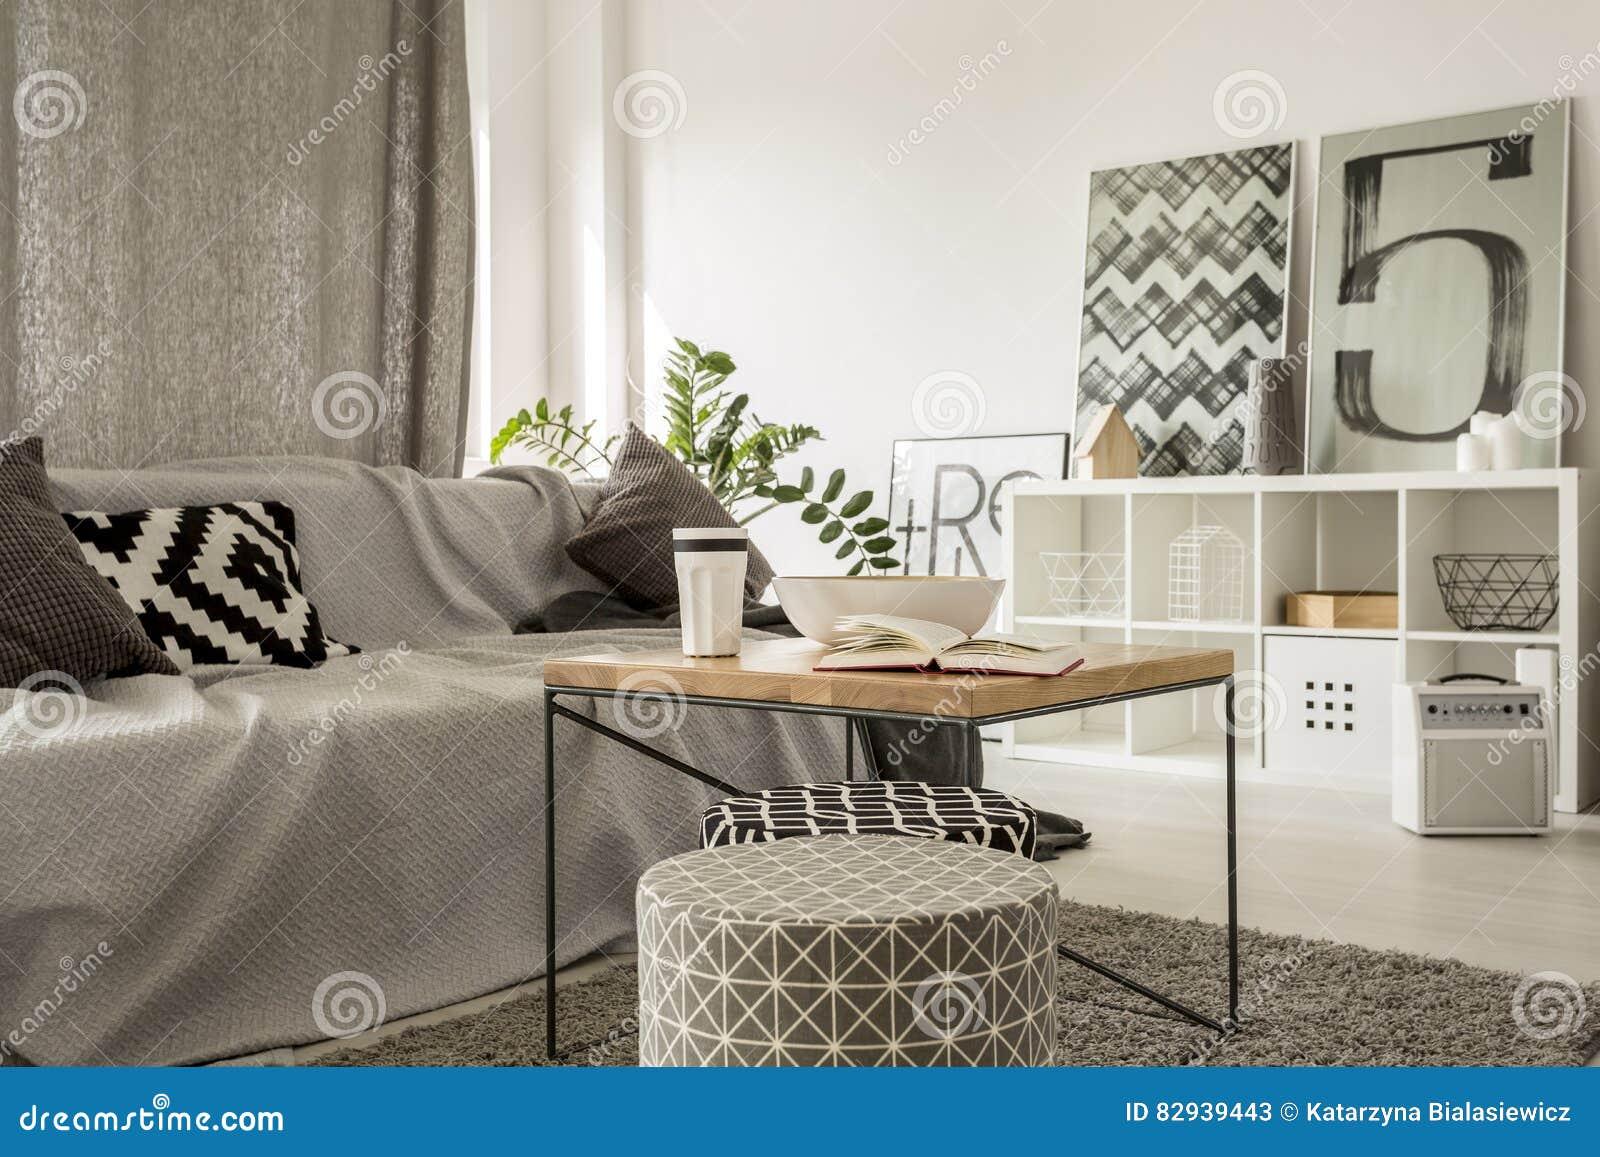 Salotto Moderno Elegante : Tavolino da salotto di legno in salotto moderno immagine stock